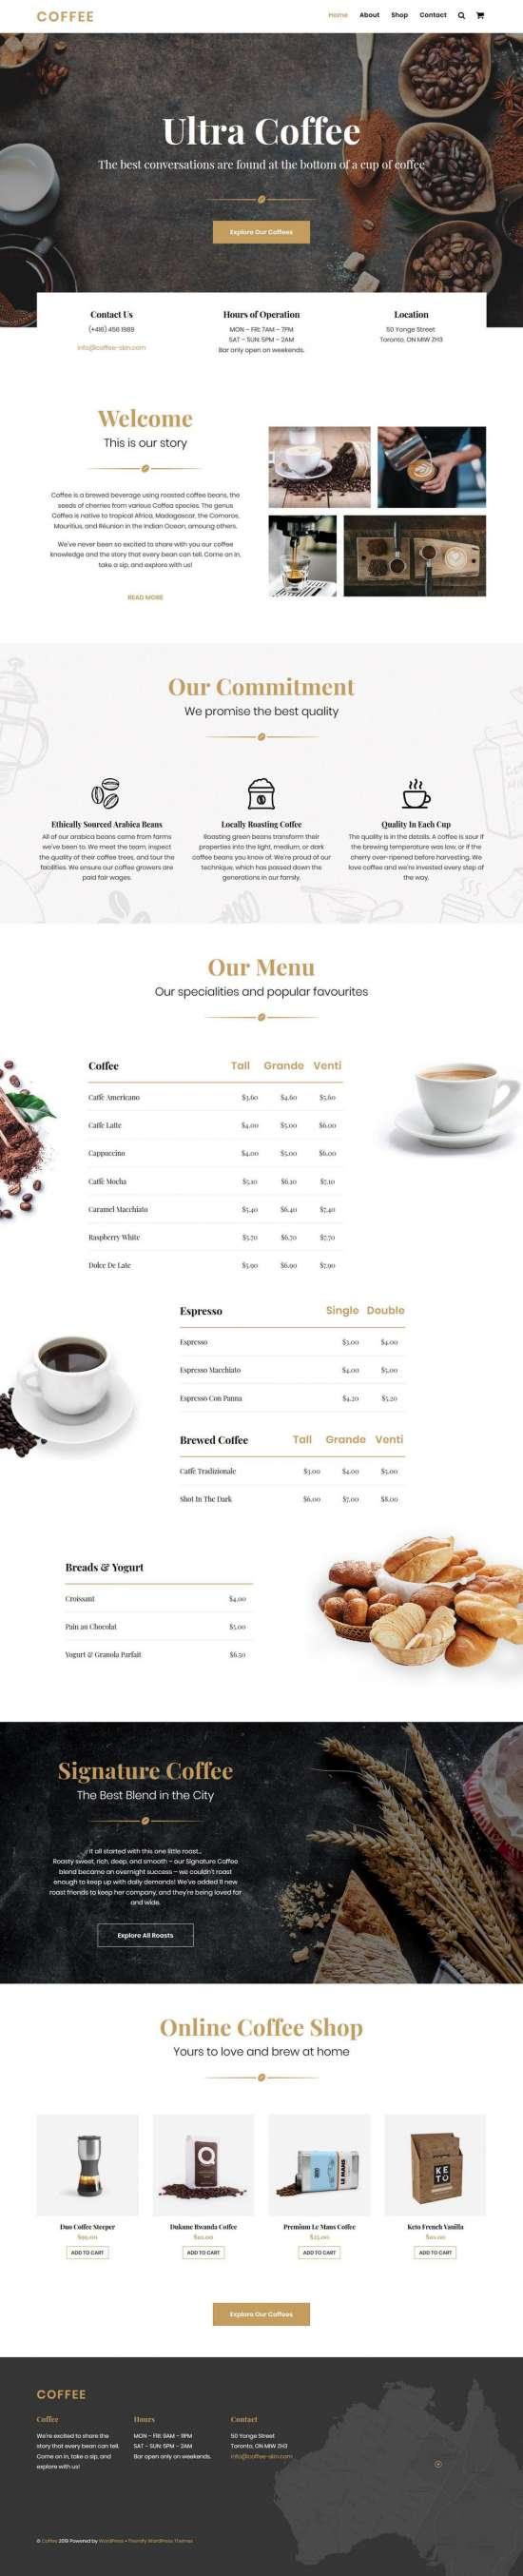 ultra coffee wordpress theme 01 550x2708 - Ultra Coffee WordPress Theme